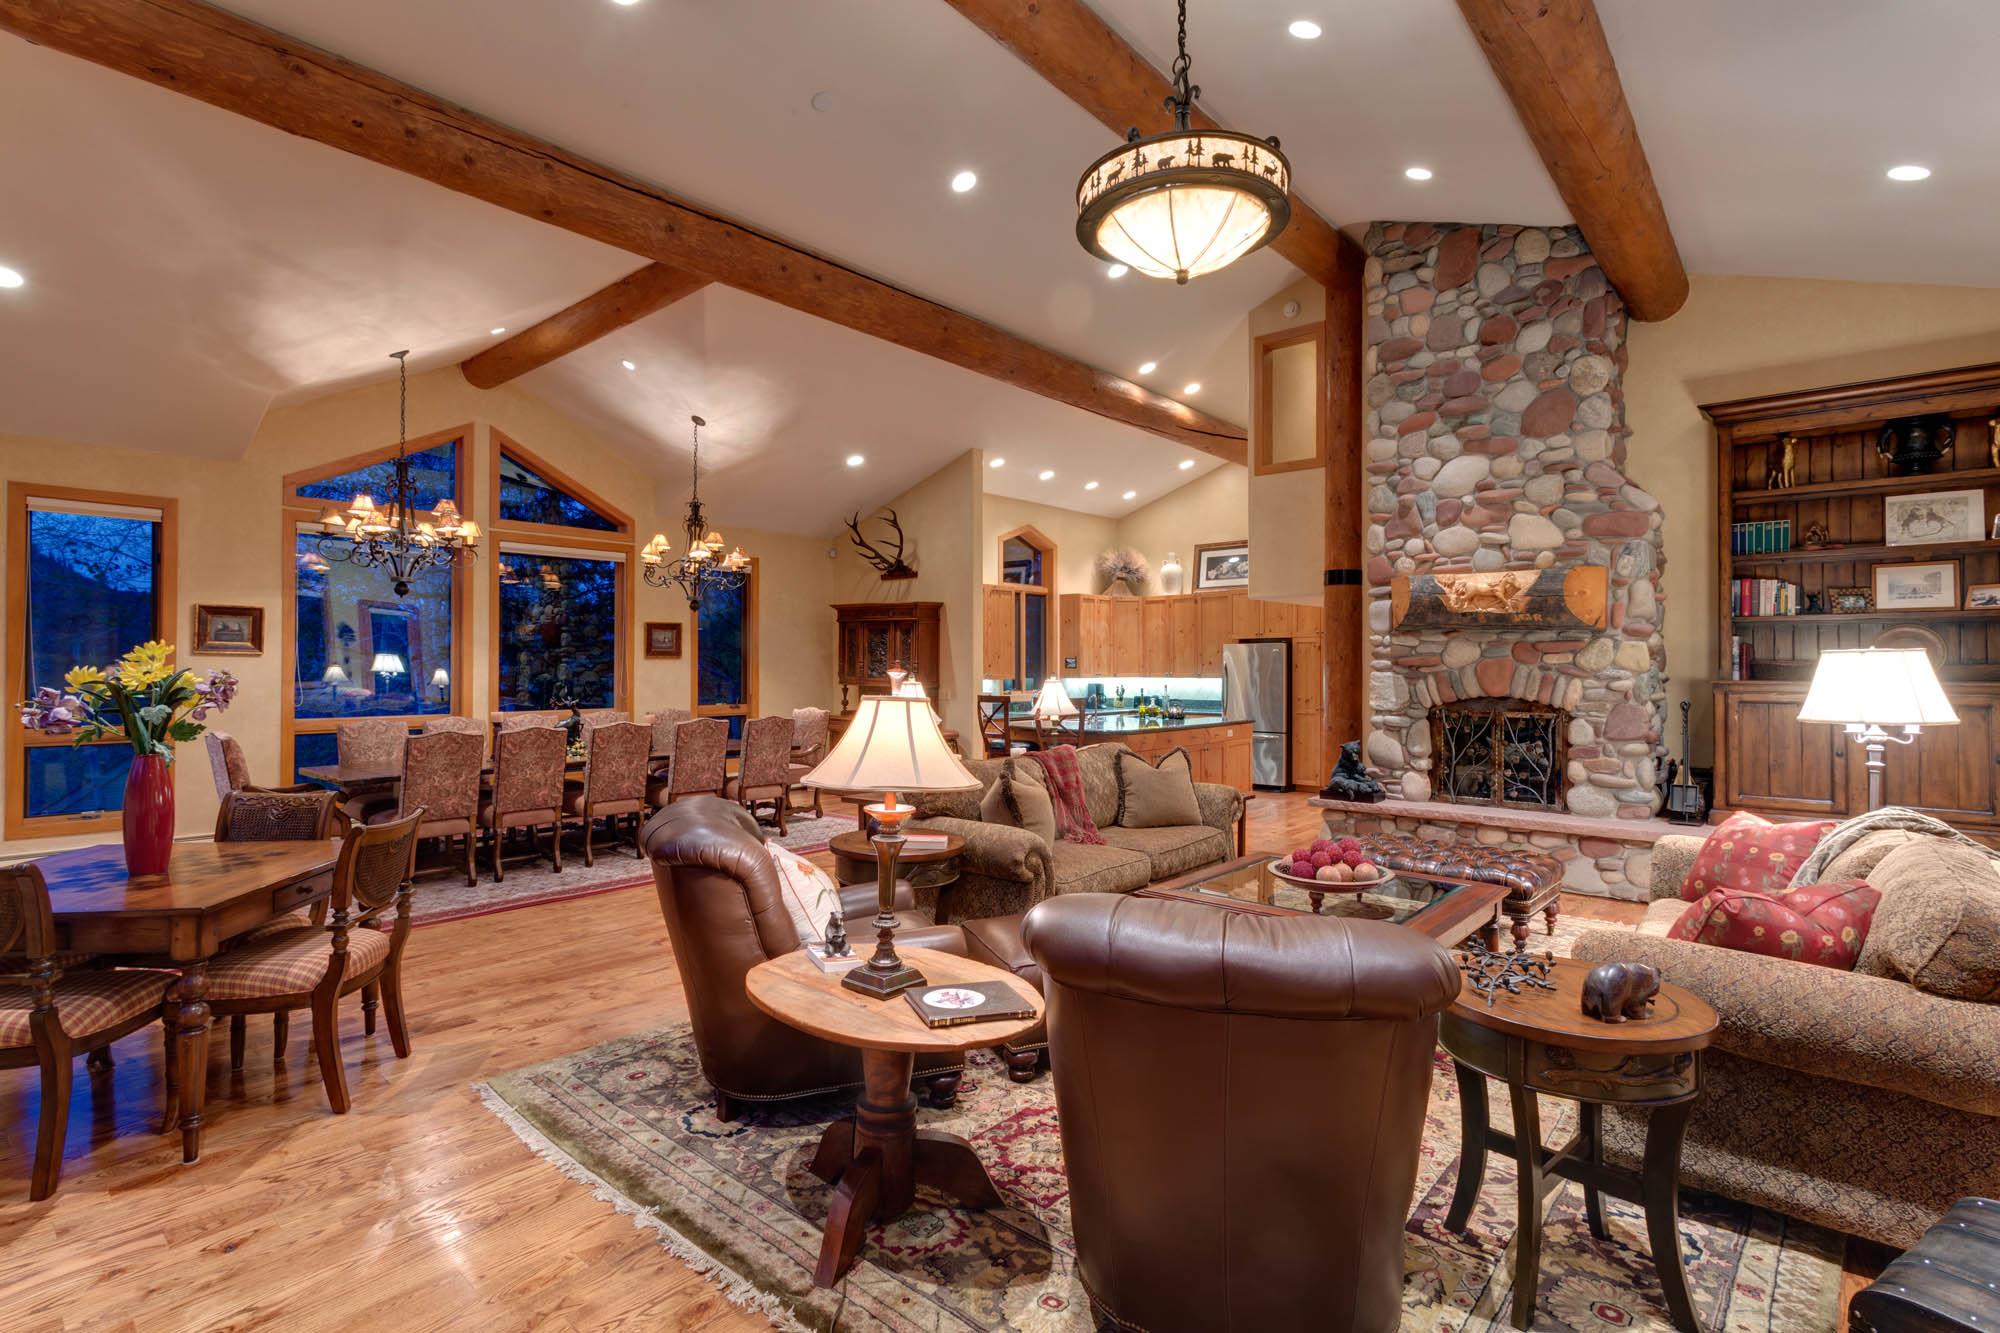 一戸建て のために 売買 アット Warm, Elegant Snowmass Home 358 Maple Ridge Ln Snowmass Village, コロラド 81615 アメリカ合衆国